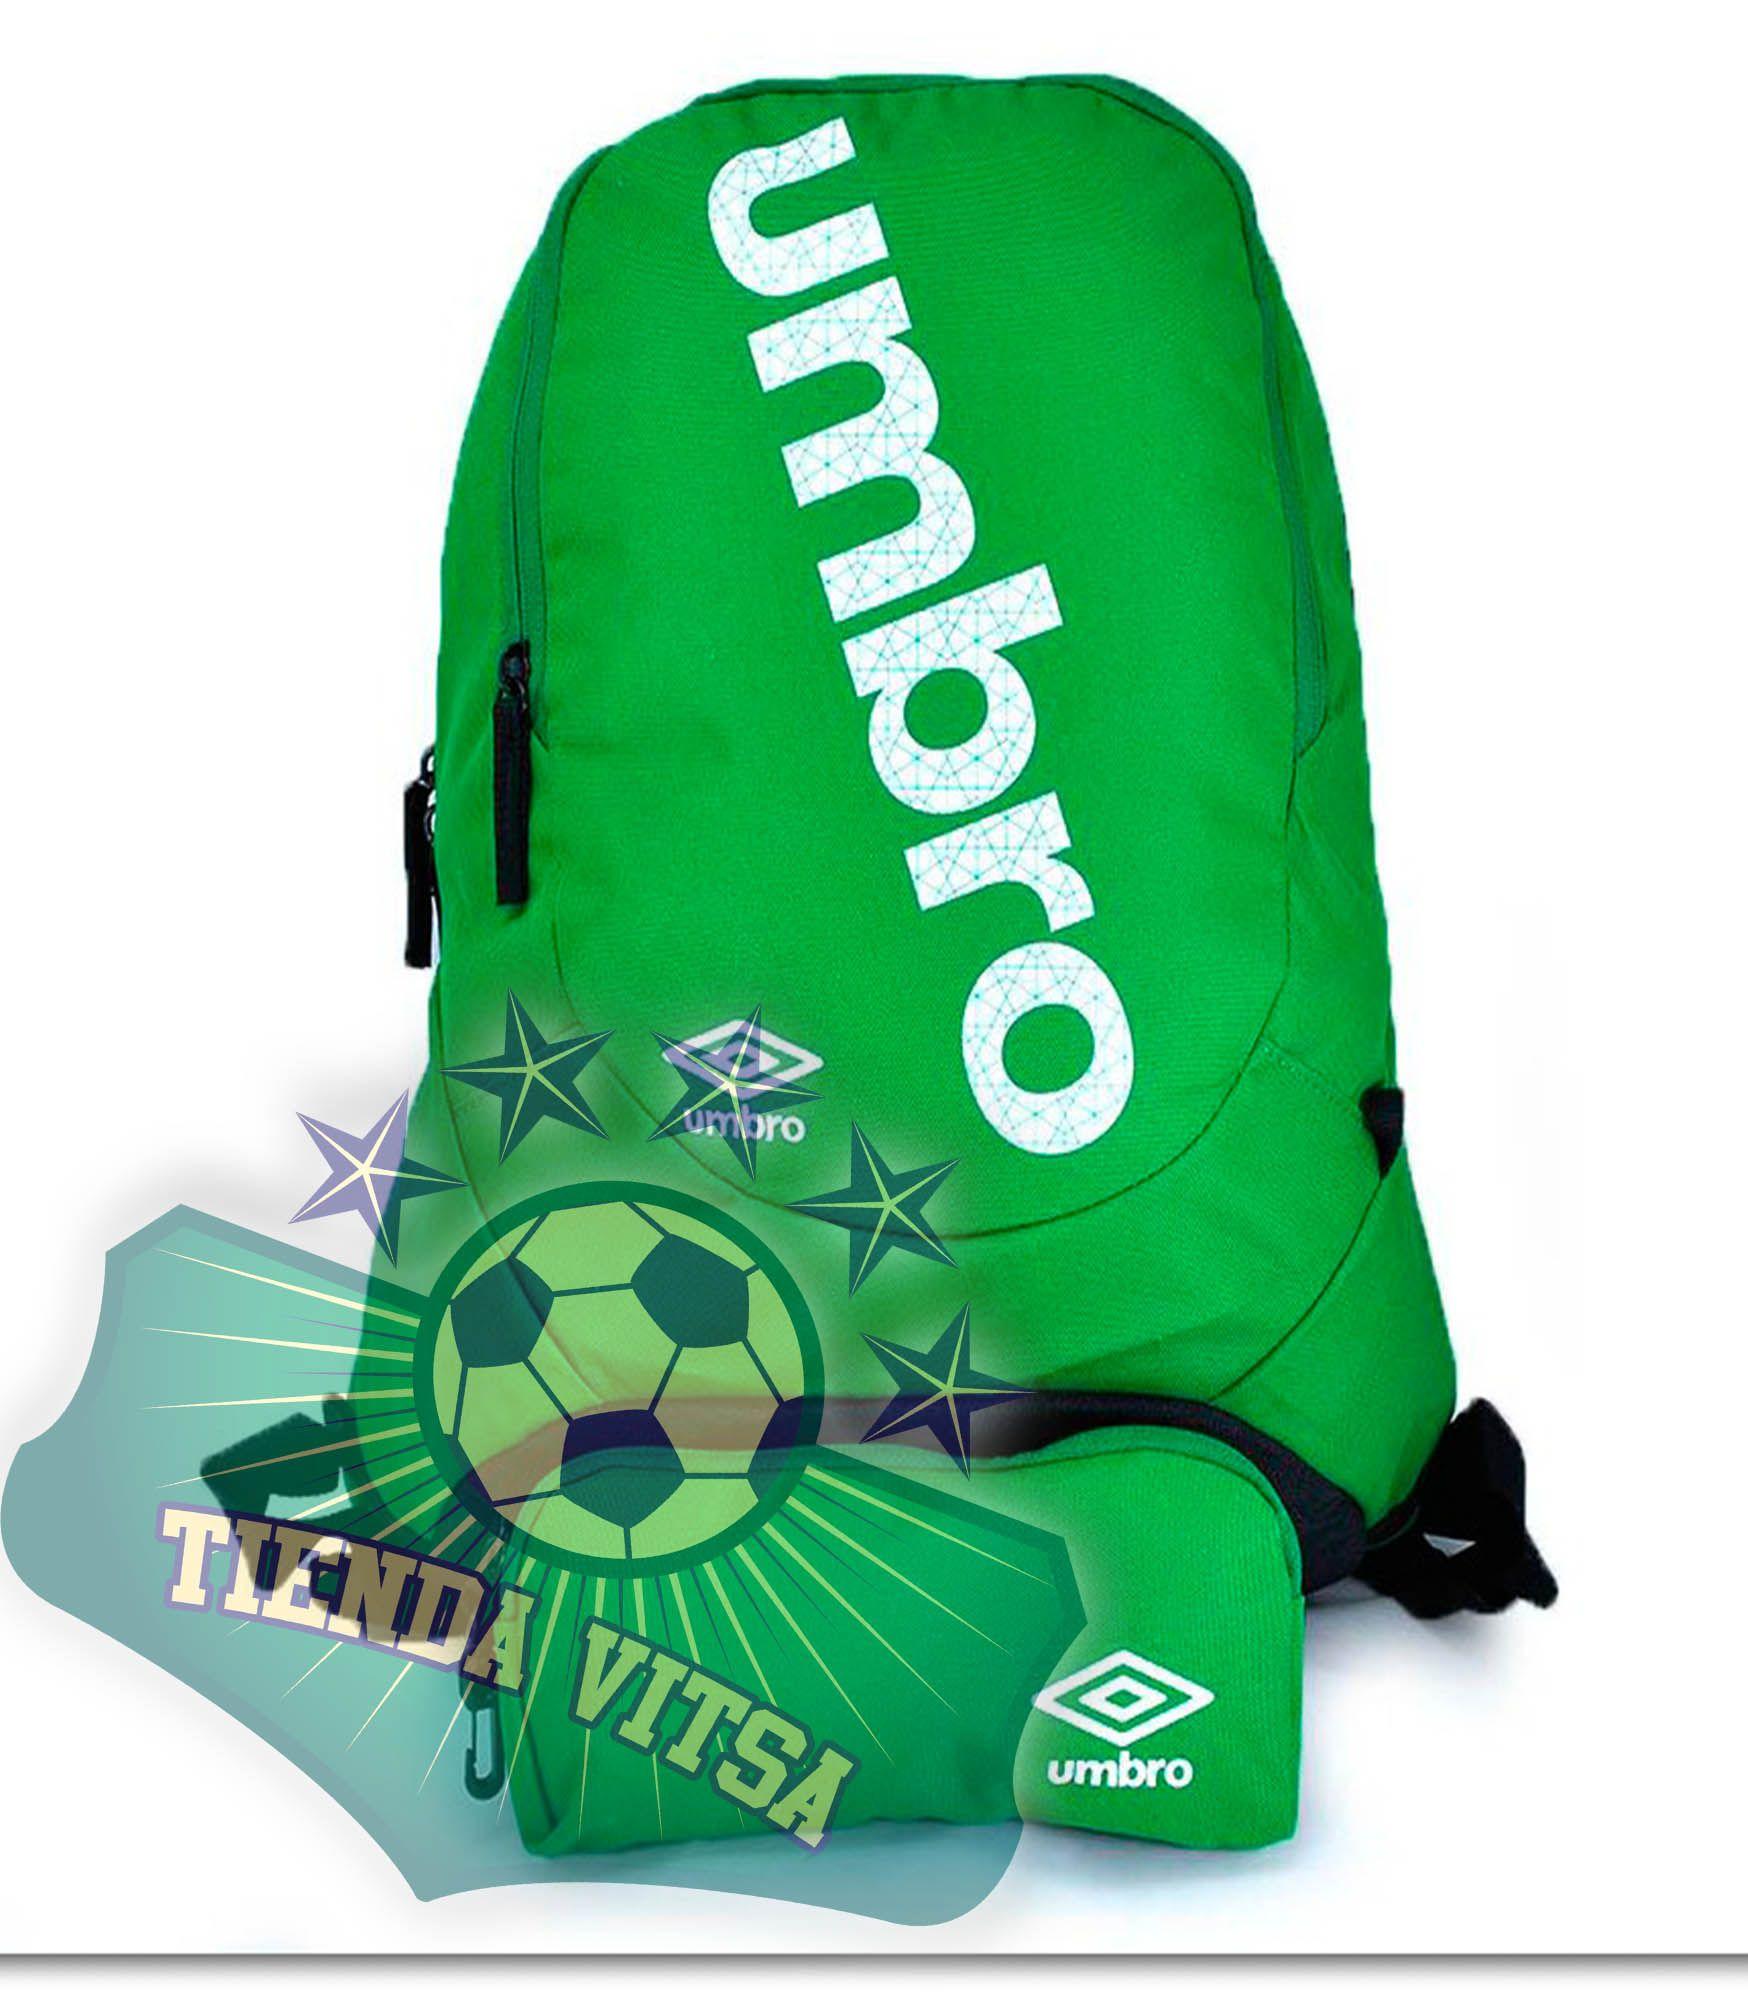 c449a1852d407 Maleta Umbro Verde Producto Original Precio   49.900